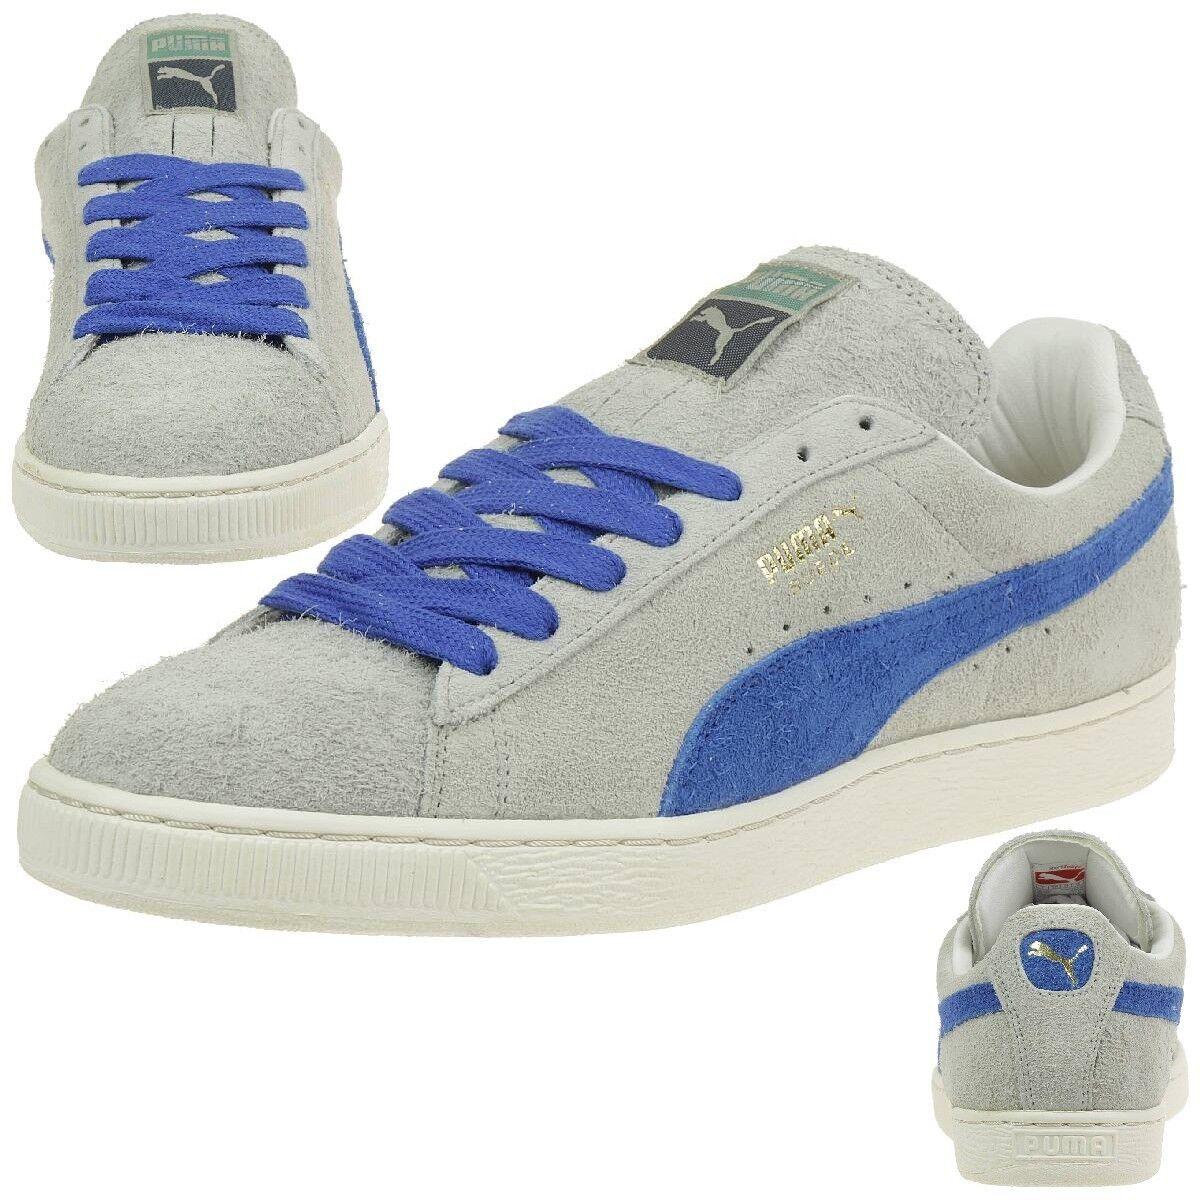 Puma Ante Vntg para Vintage Zapatillas Estilo deportivas para Vntg hombre cuero gris 6db7c8